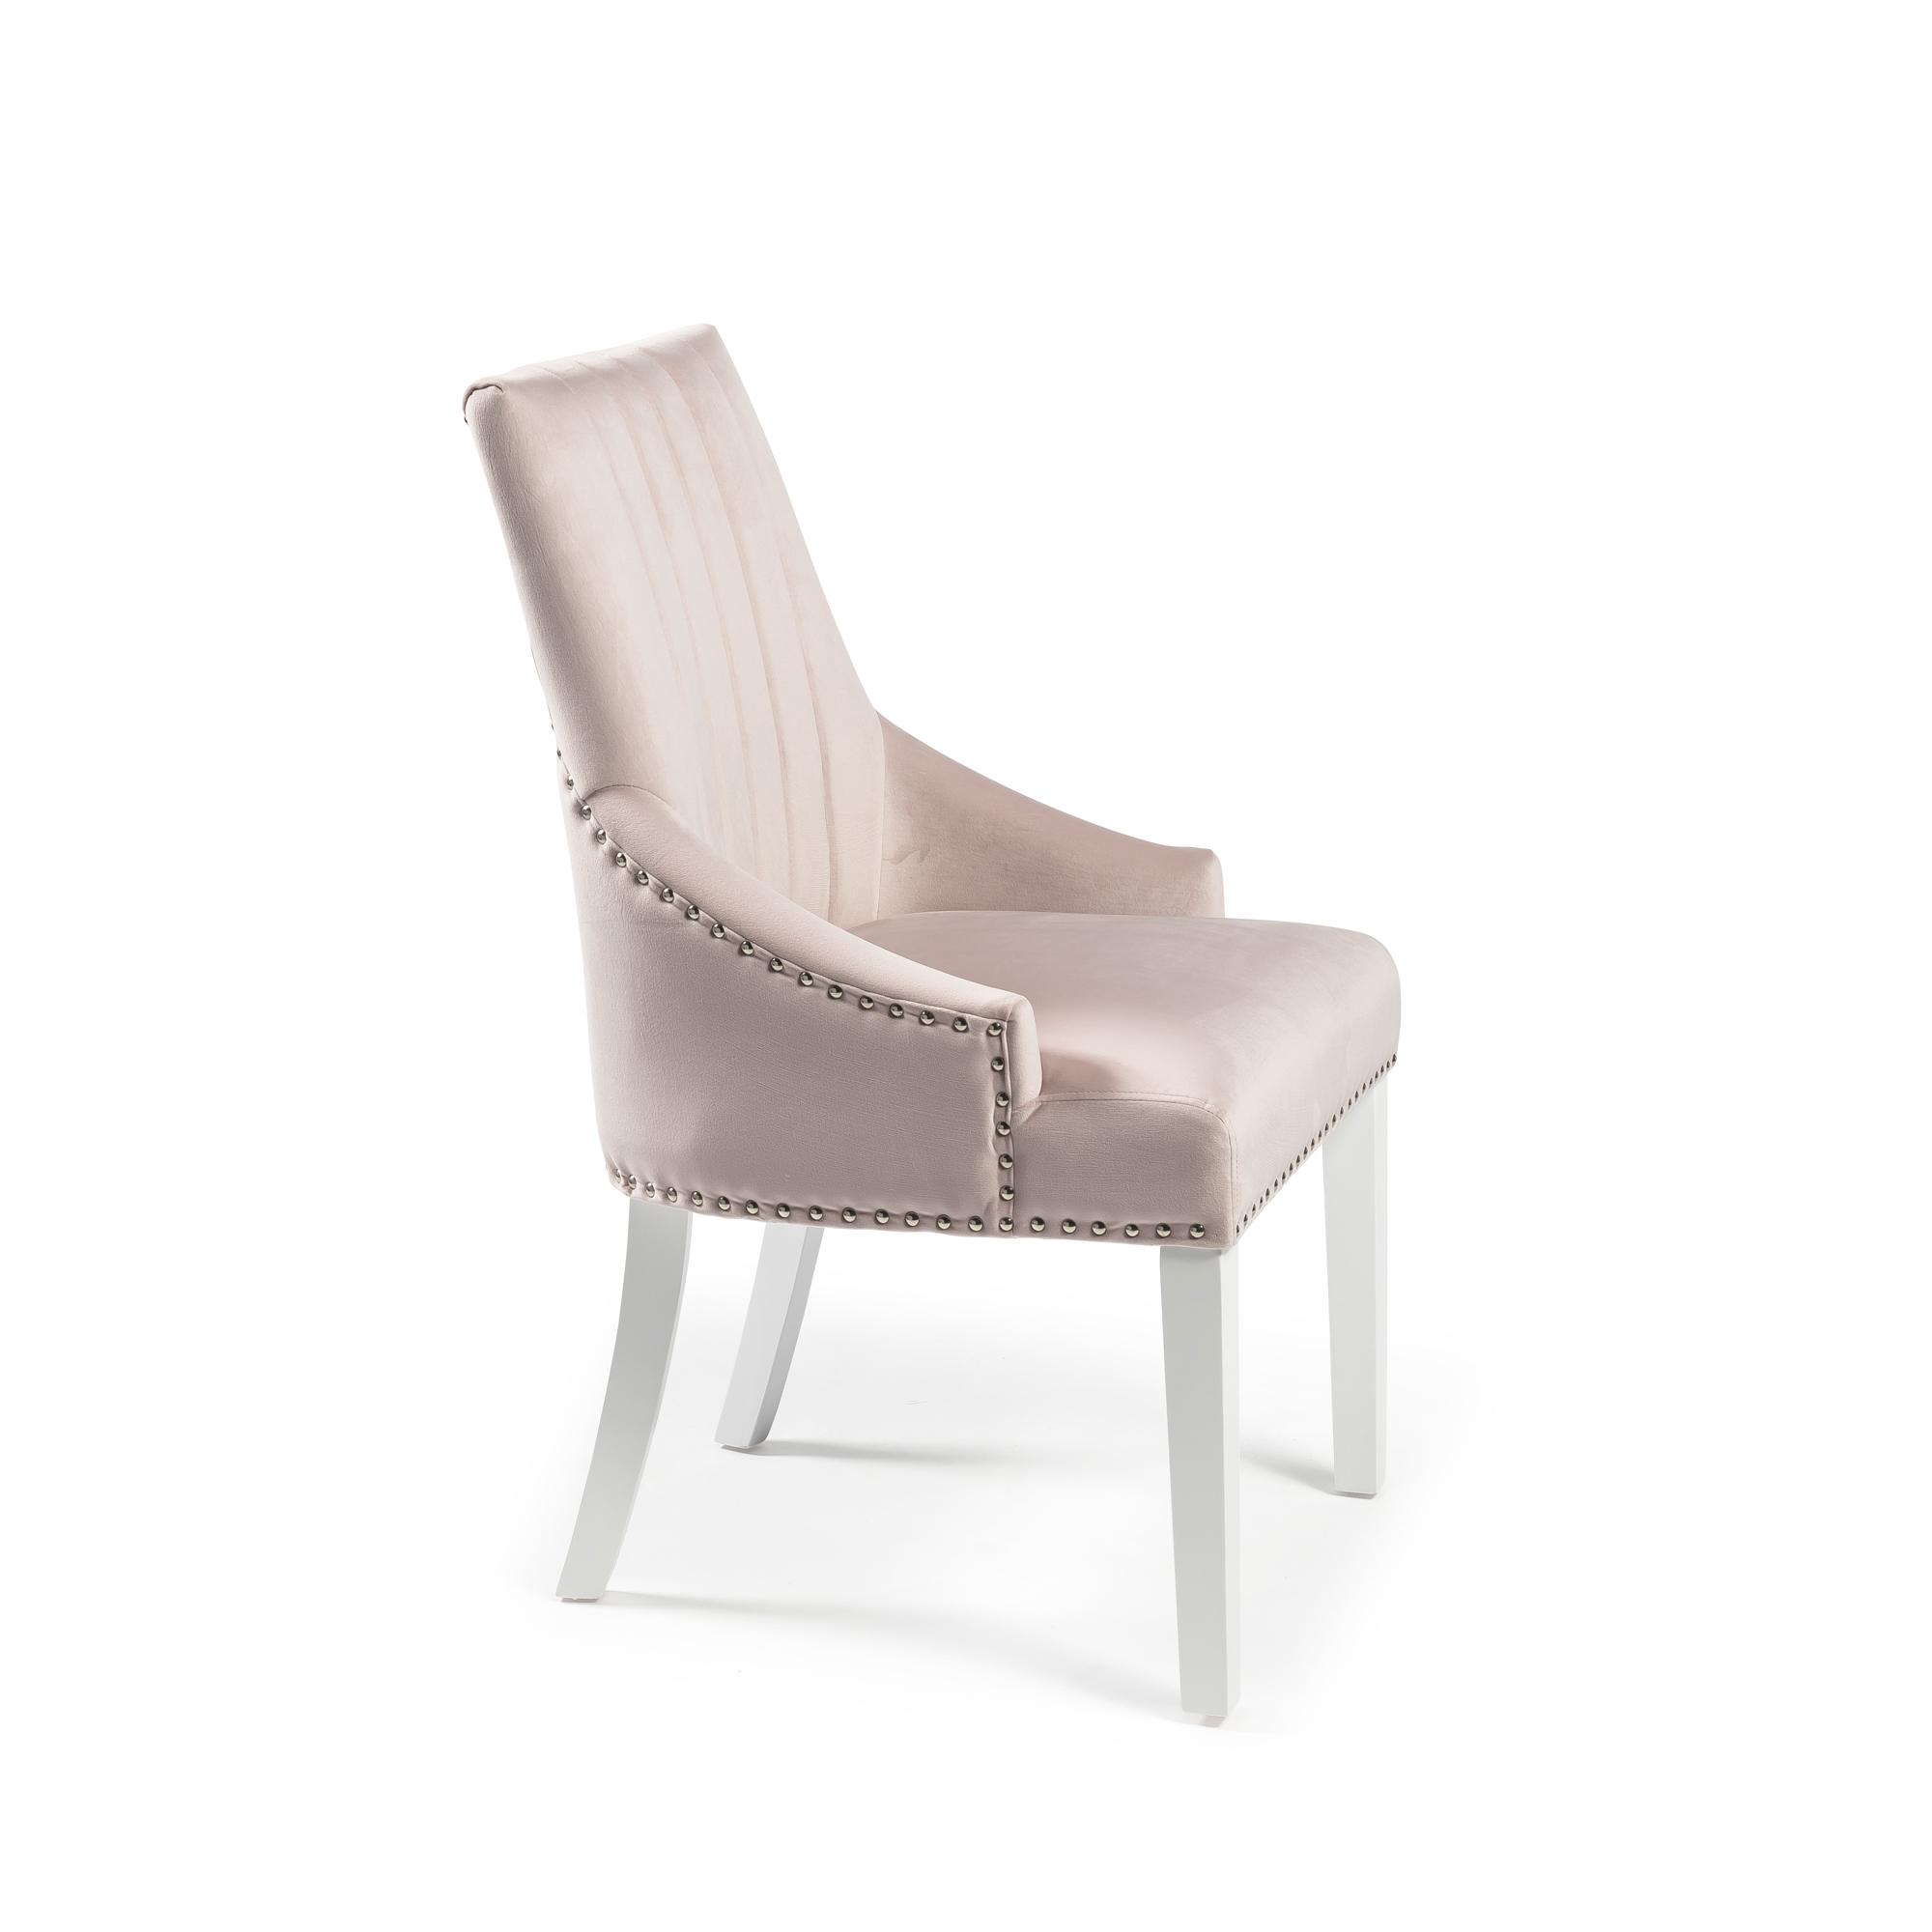 Chelsea Pink Blush Velvet Upholstered Scoop Dining Chair – White Legs – Full Stud